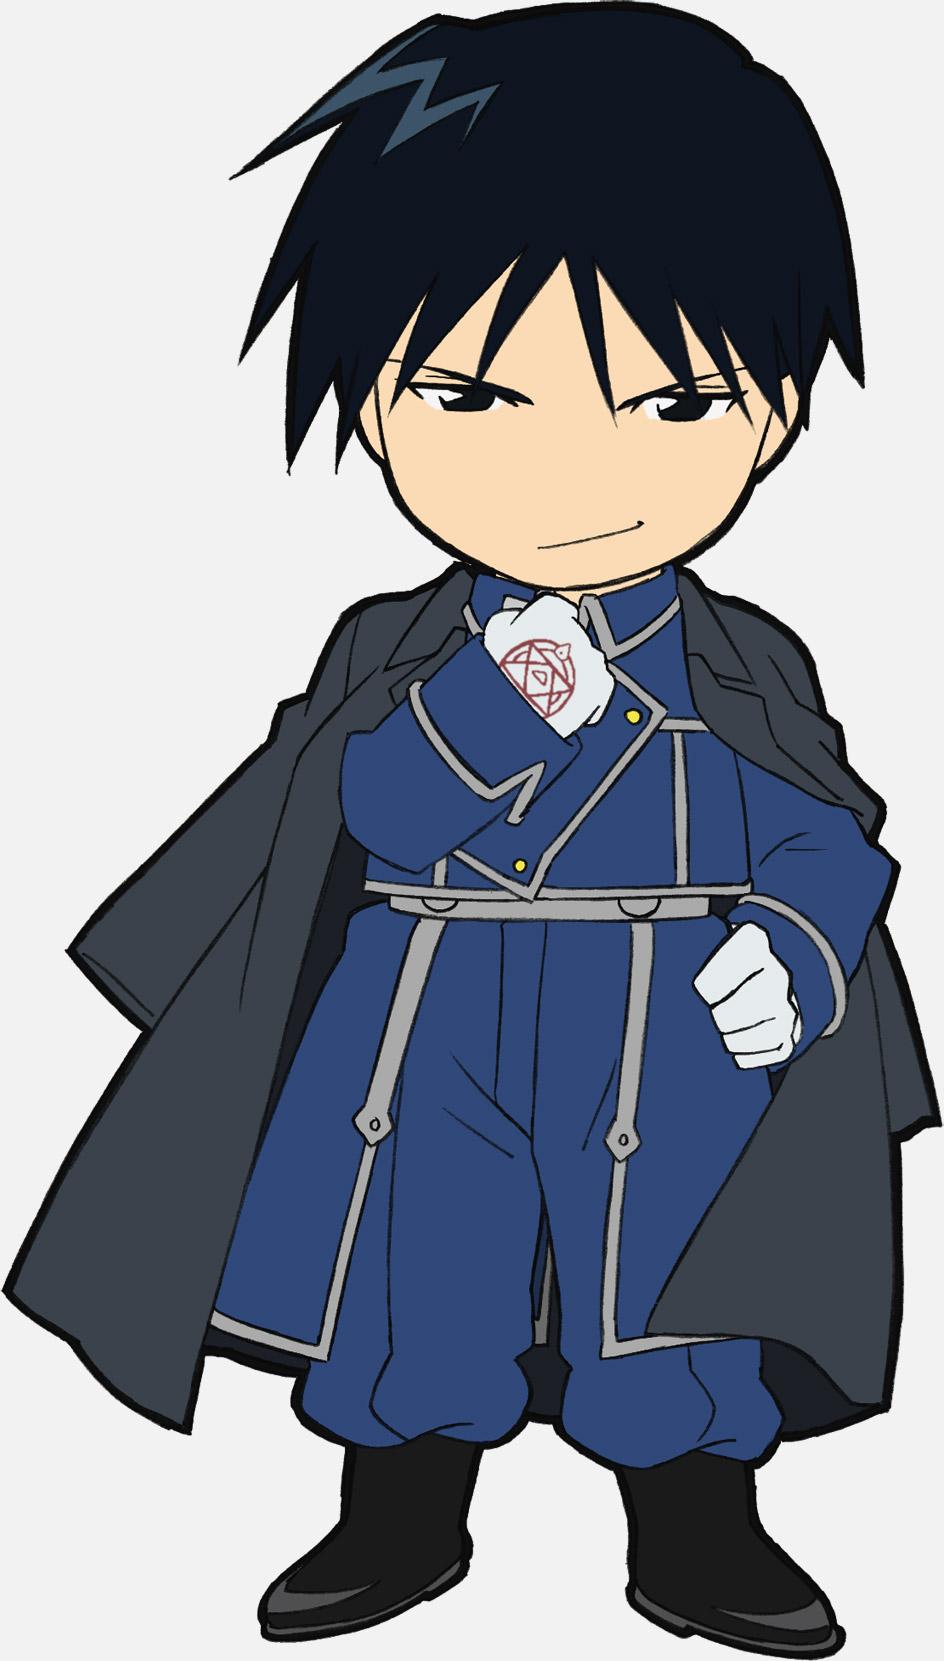 Roy Mustang - Fullmetal Alchemist - Image #90760 - Zerochan Anime Image Board